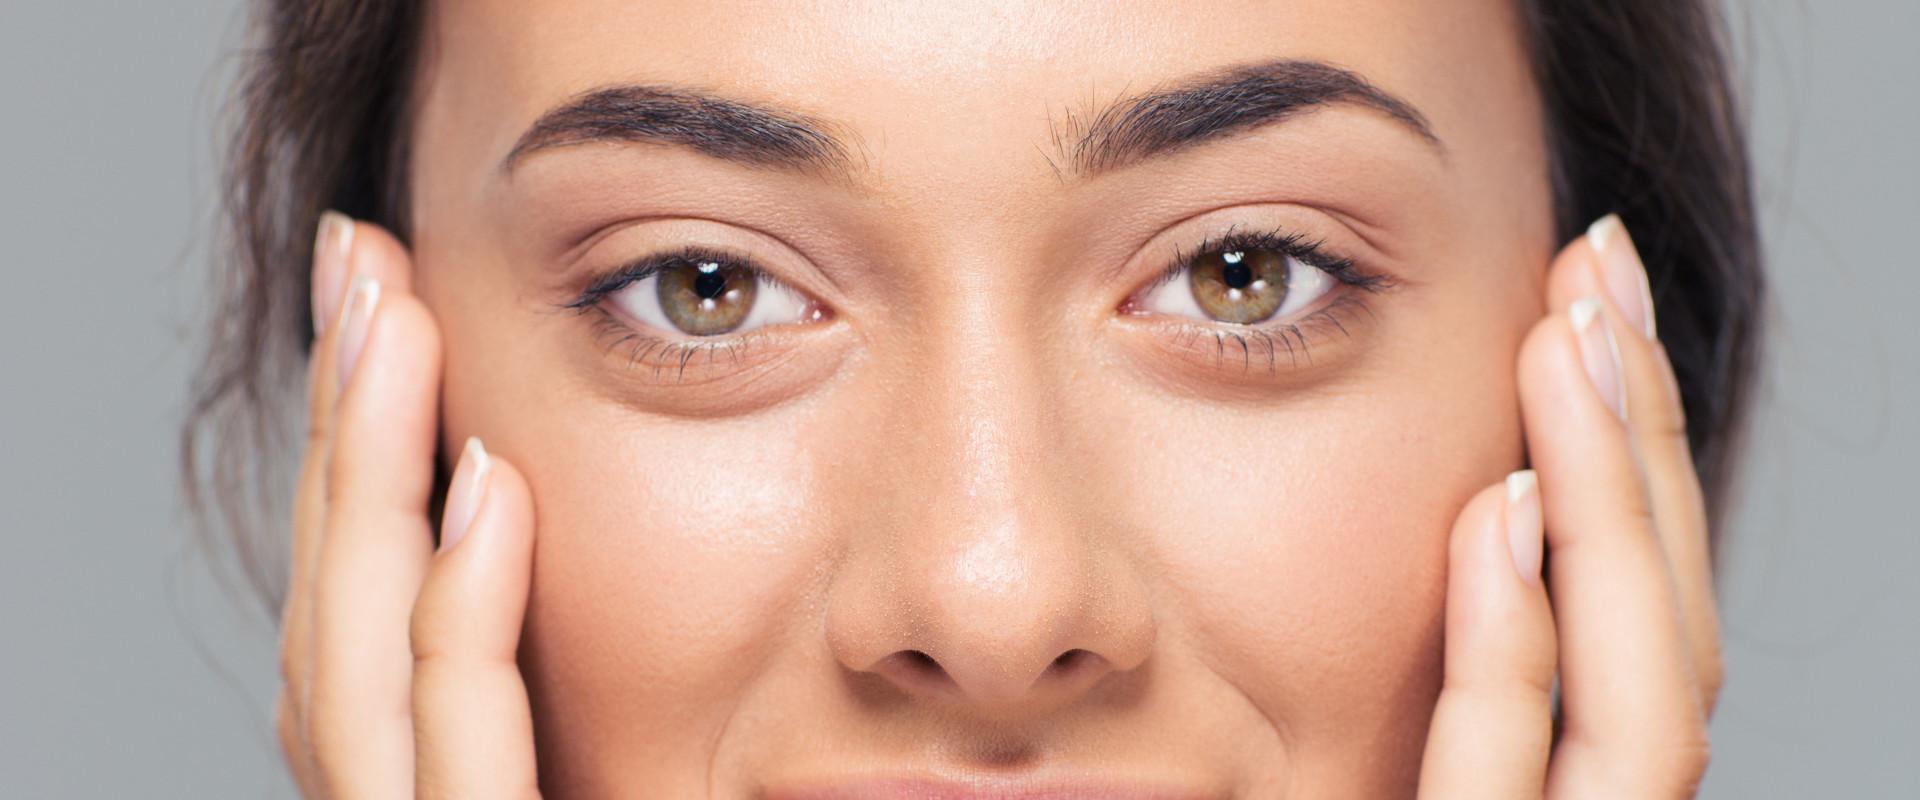 Dit moet je absoluut weten over huidbleking